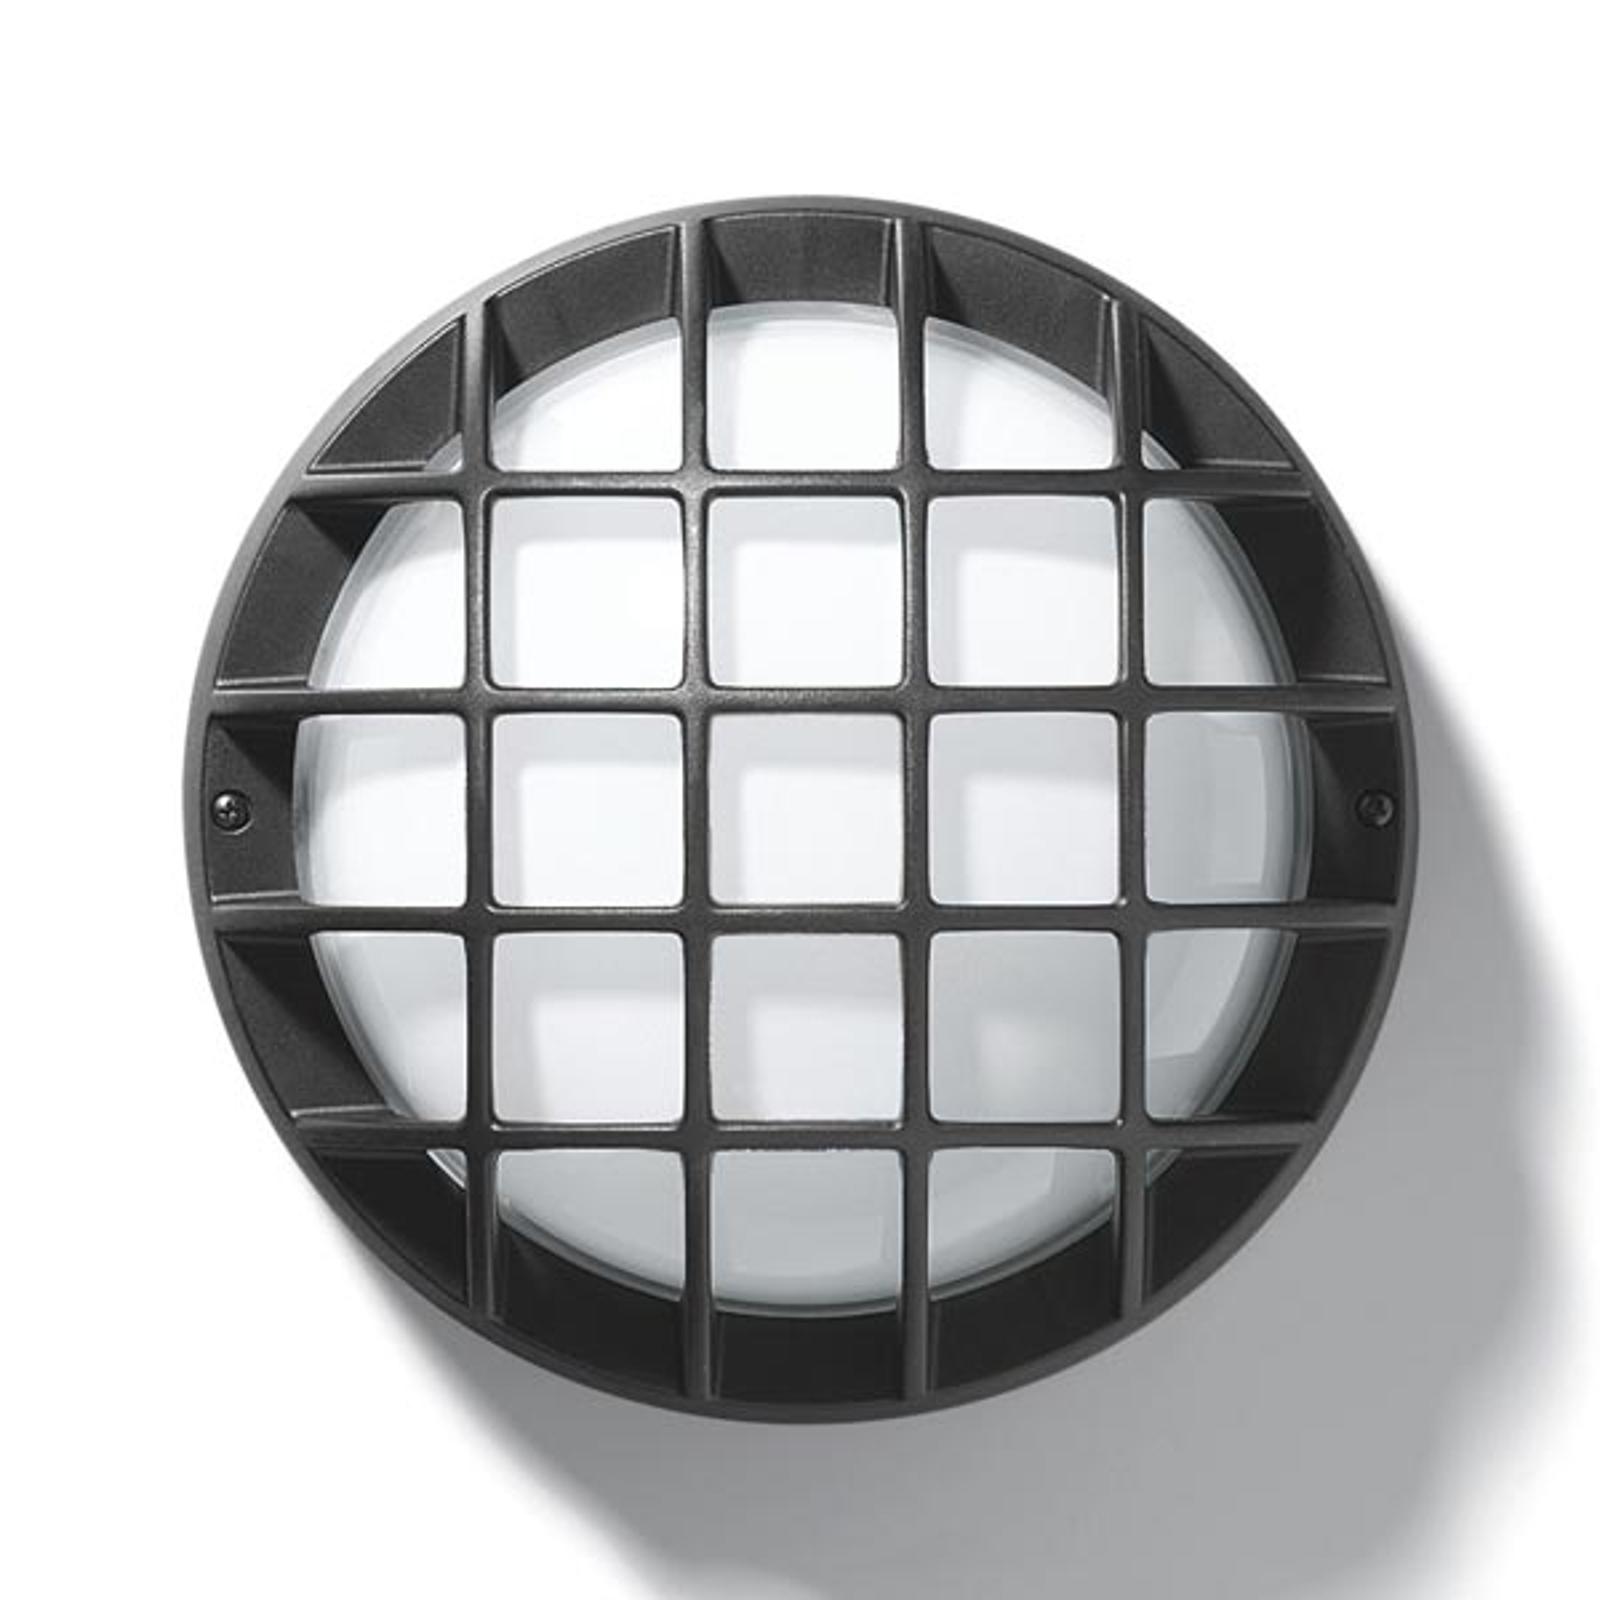 Buitenwand- of plafondlamp EKO 21-G, antraciet